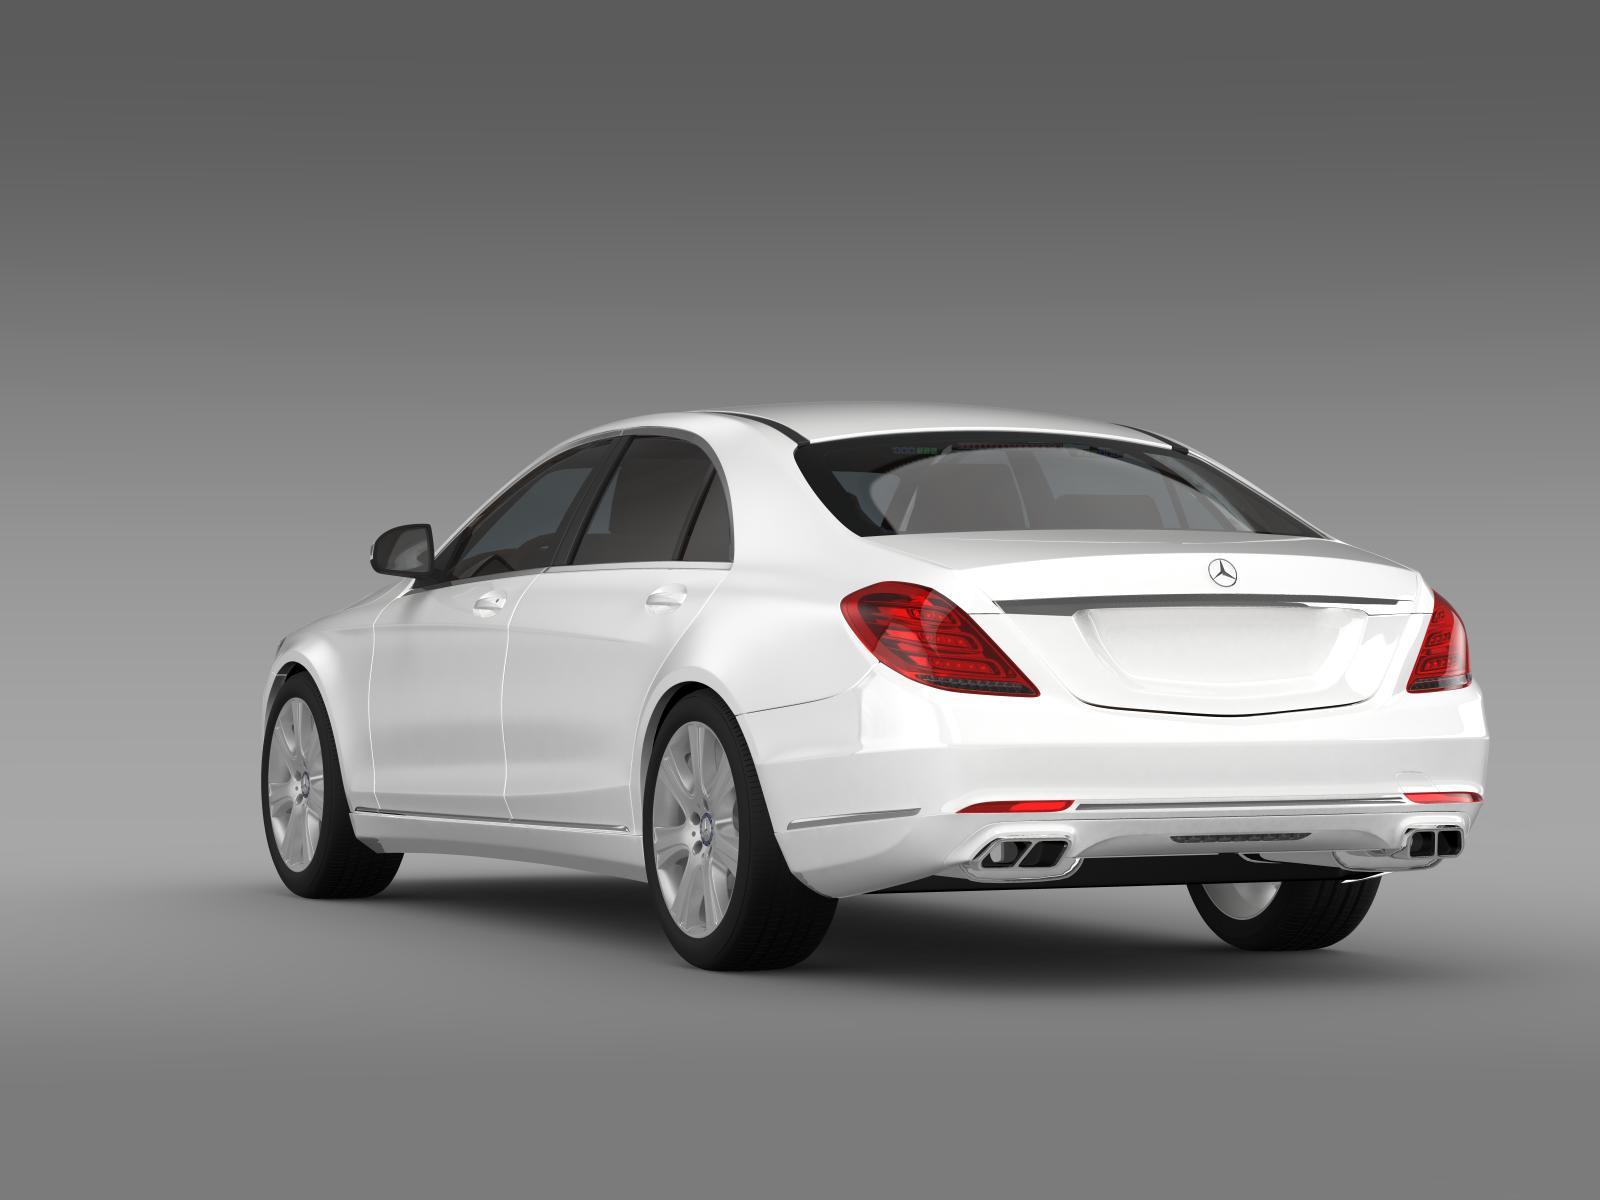 Mercedes benz s 600 guard w222 2014 3d model for S 600 mercedes benz